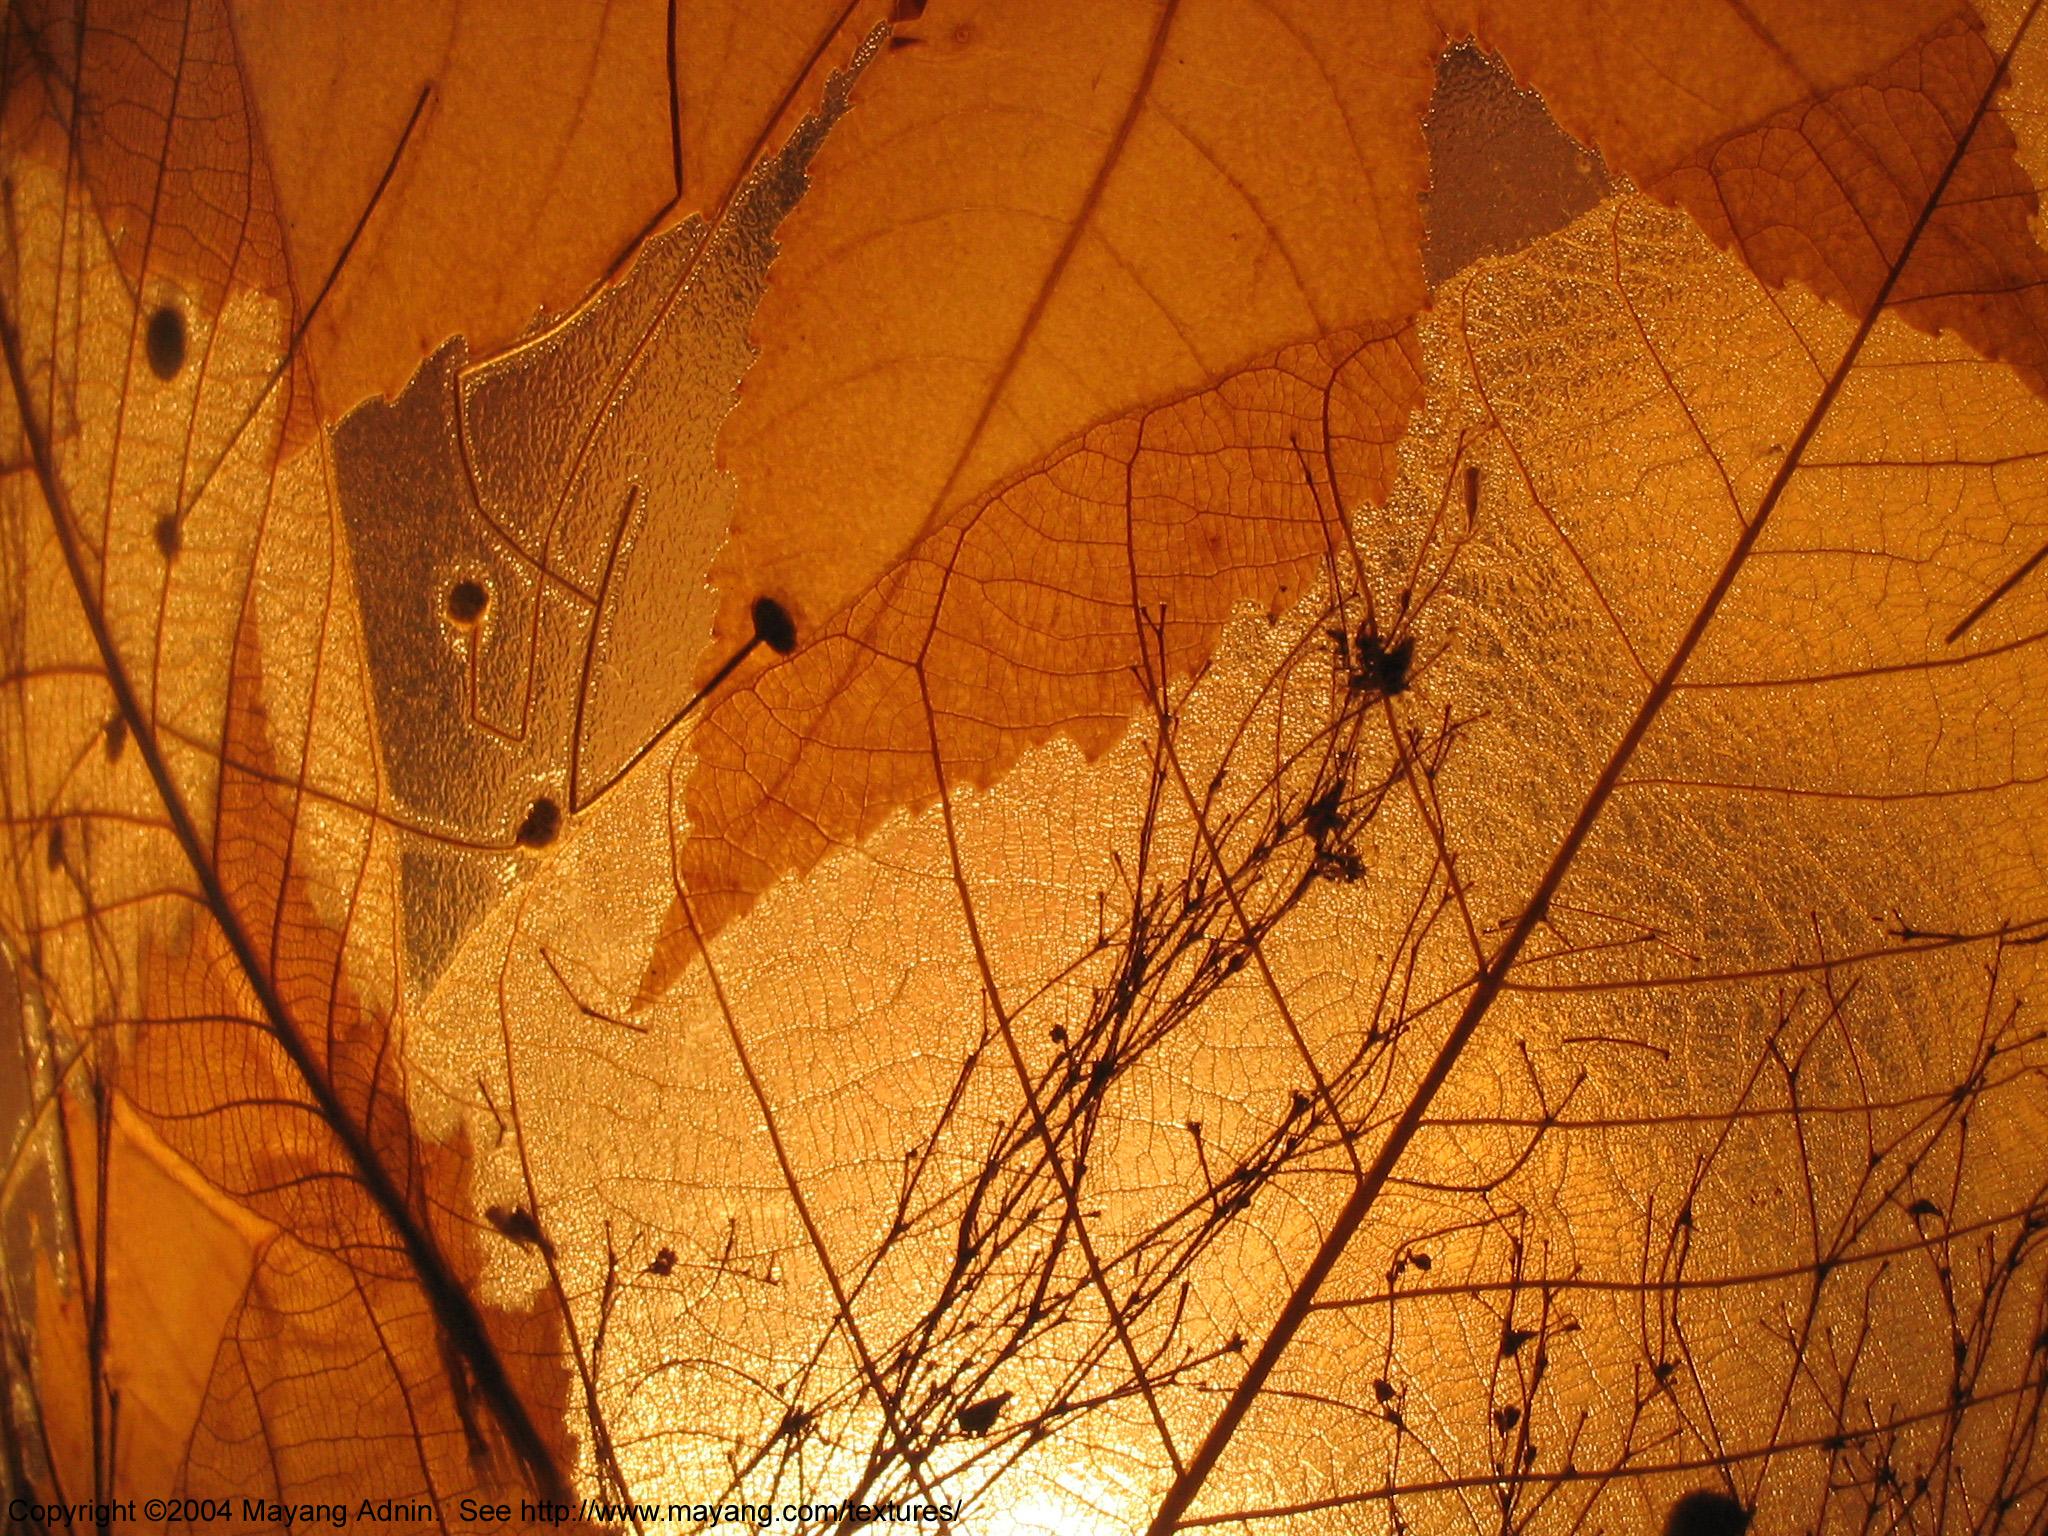 leaf_light_shining_through_0675.JPG